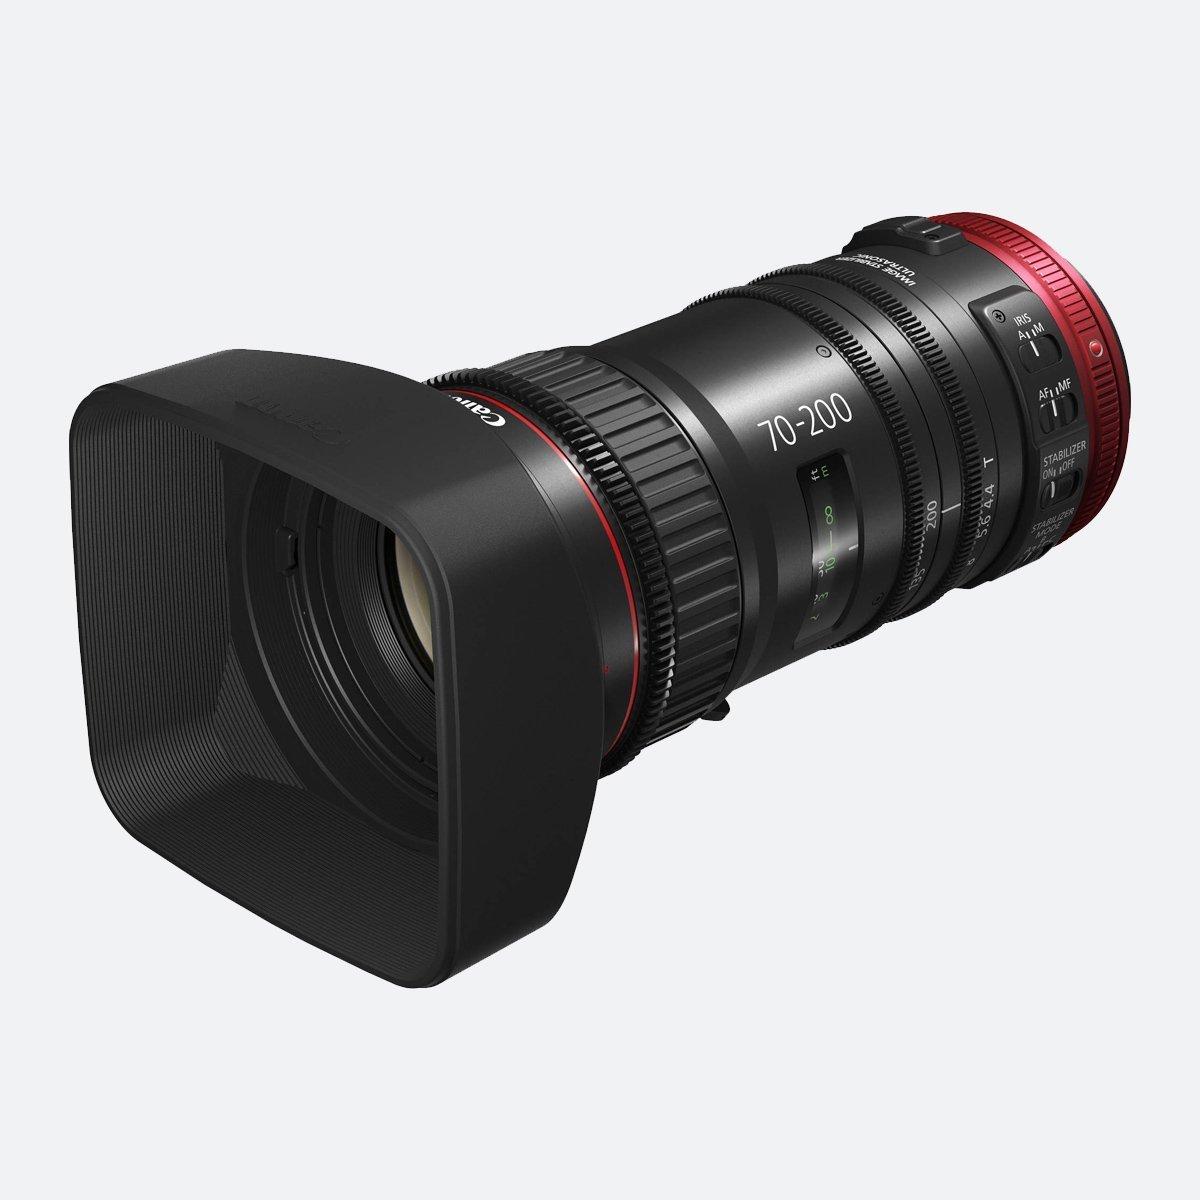 Canon CN-E 70-200mm T4.4 EF Cine-servo 4K Lens